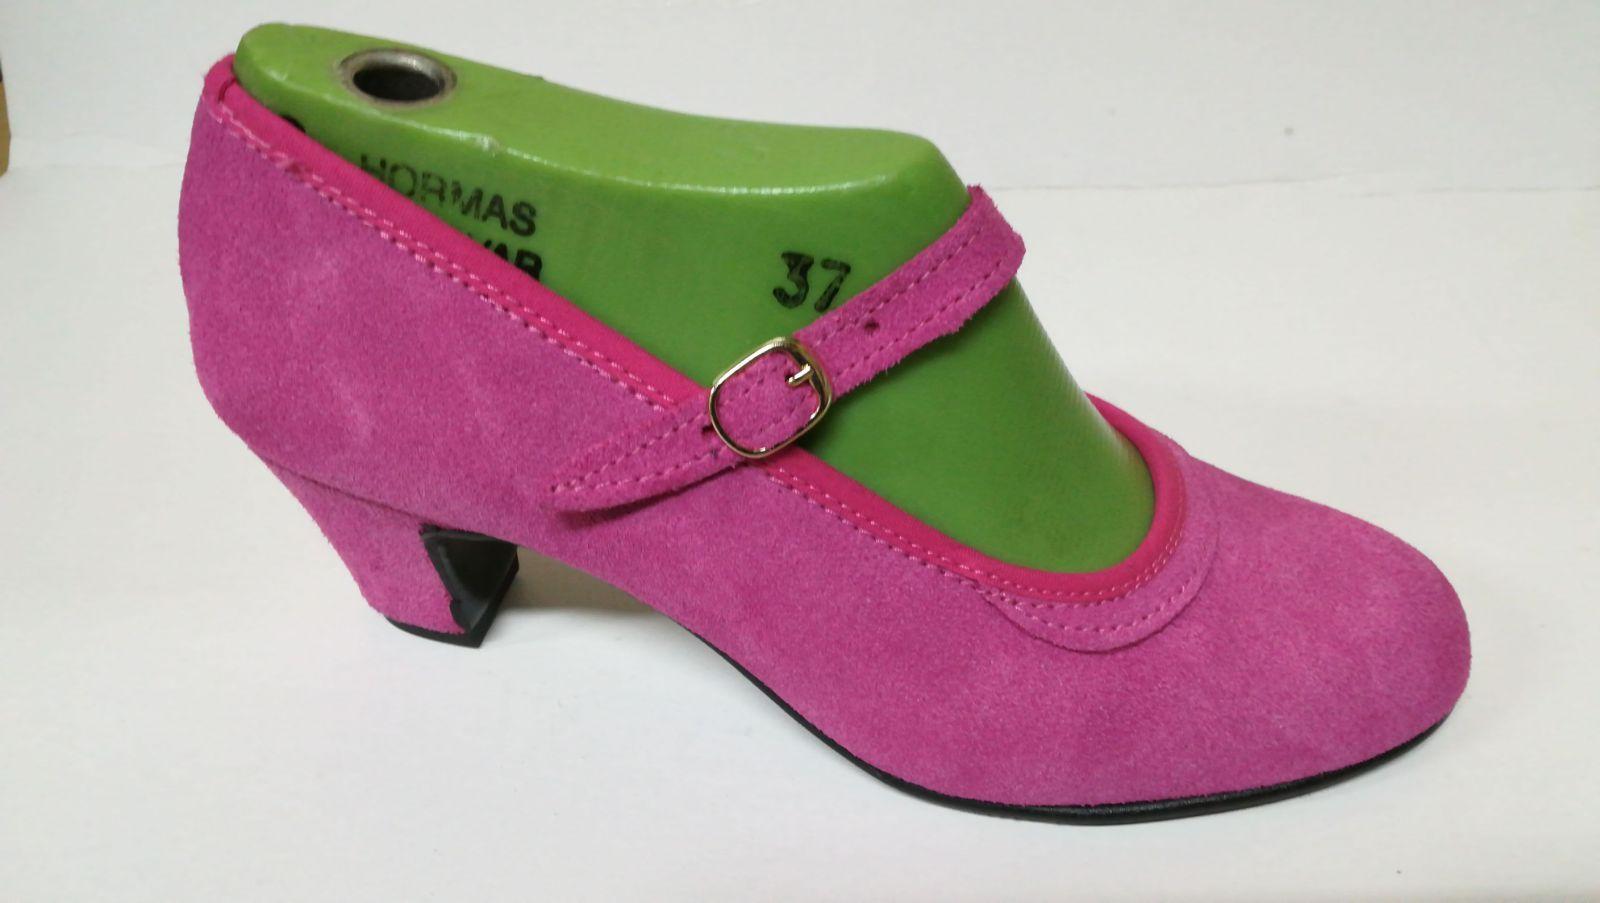 Zapato fucsia modelo 75: Productos de Calzados Malaca